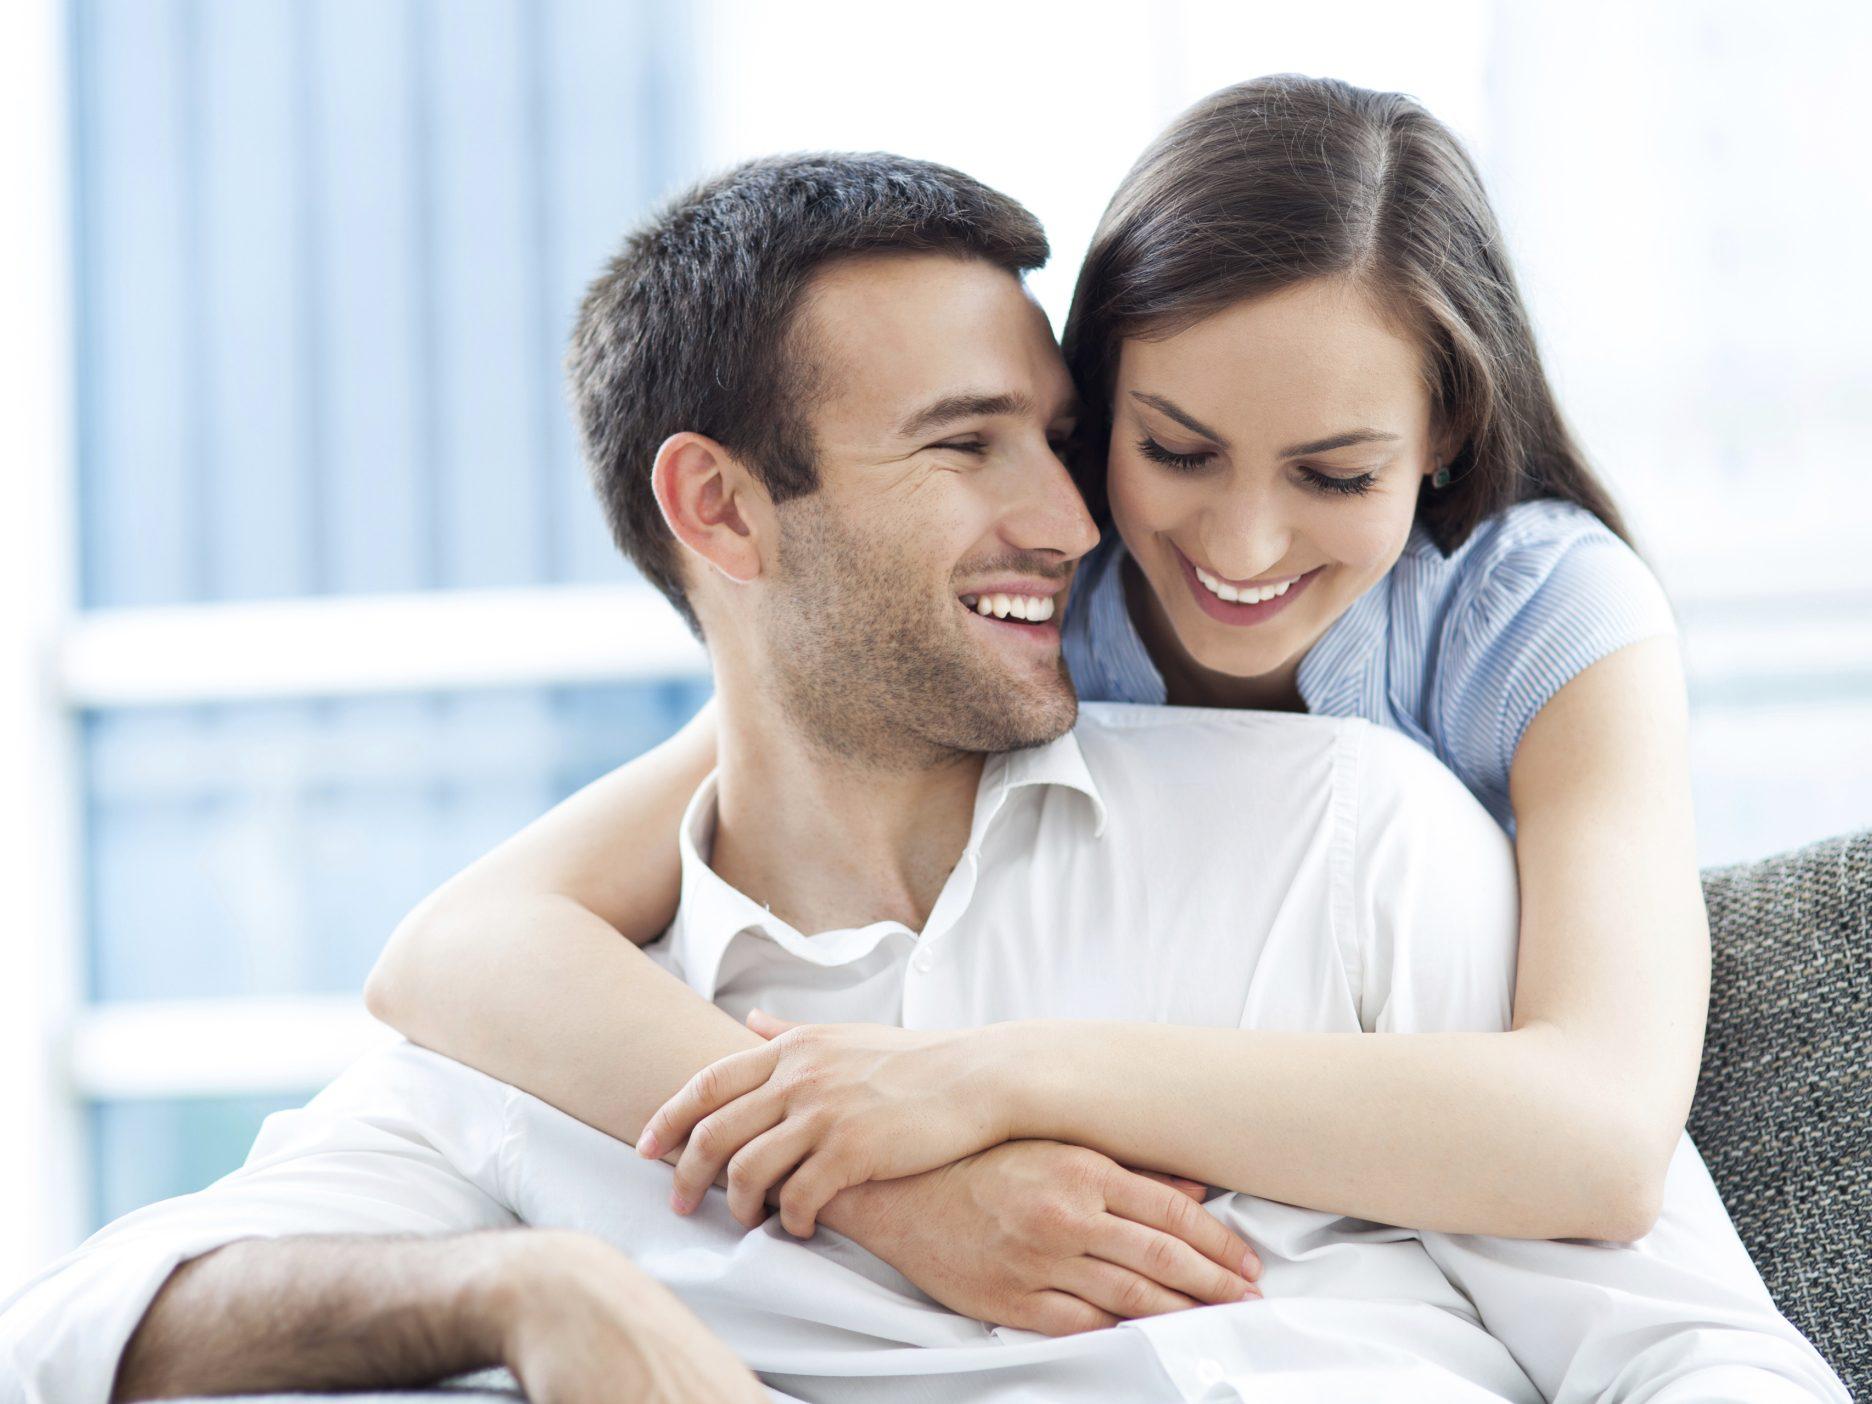 1. Faites de votre relation une priorité